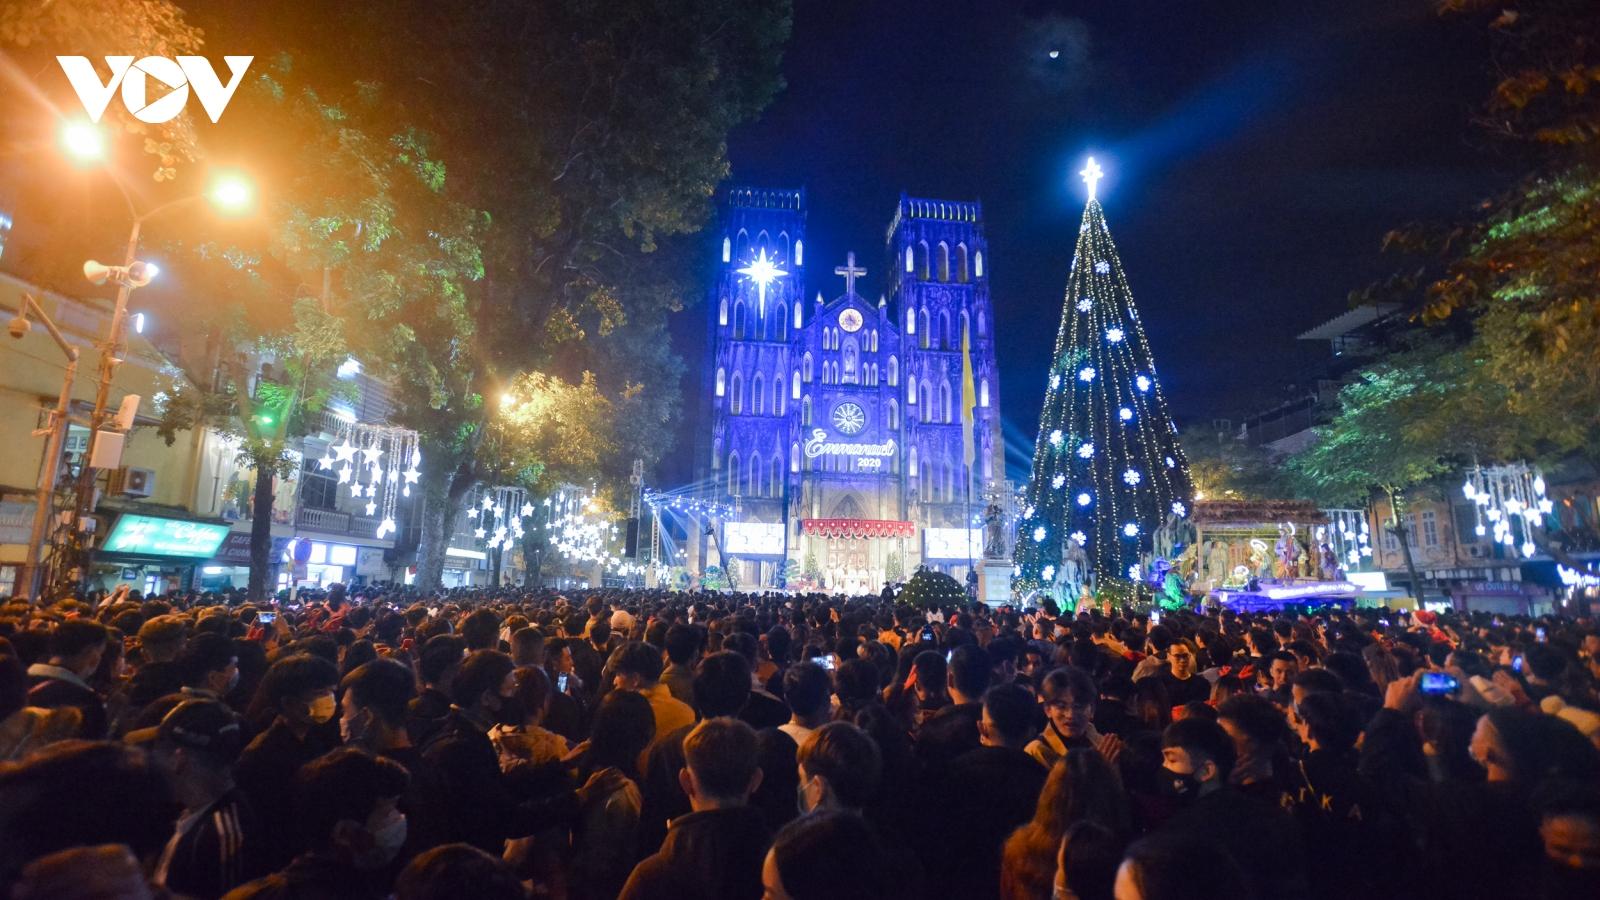 Biển người chen chân trước Nhà thờ Lớn Hà Nội trong đêm Giáng sinh